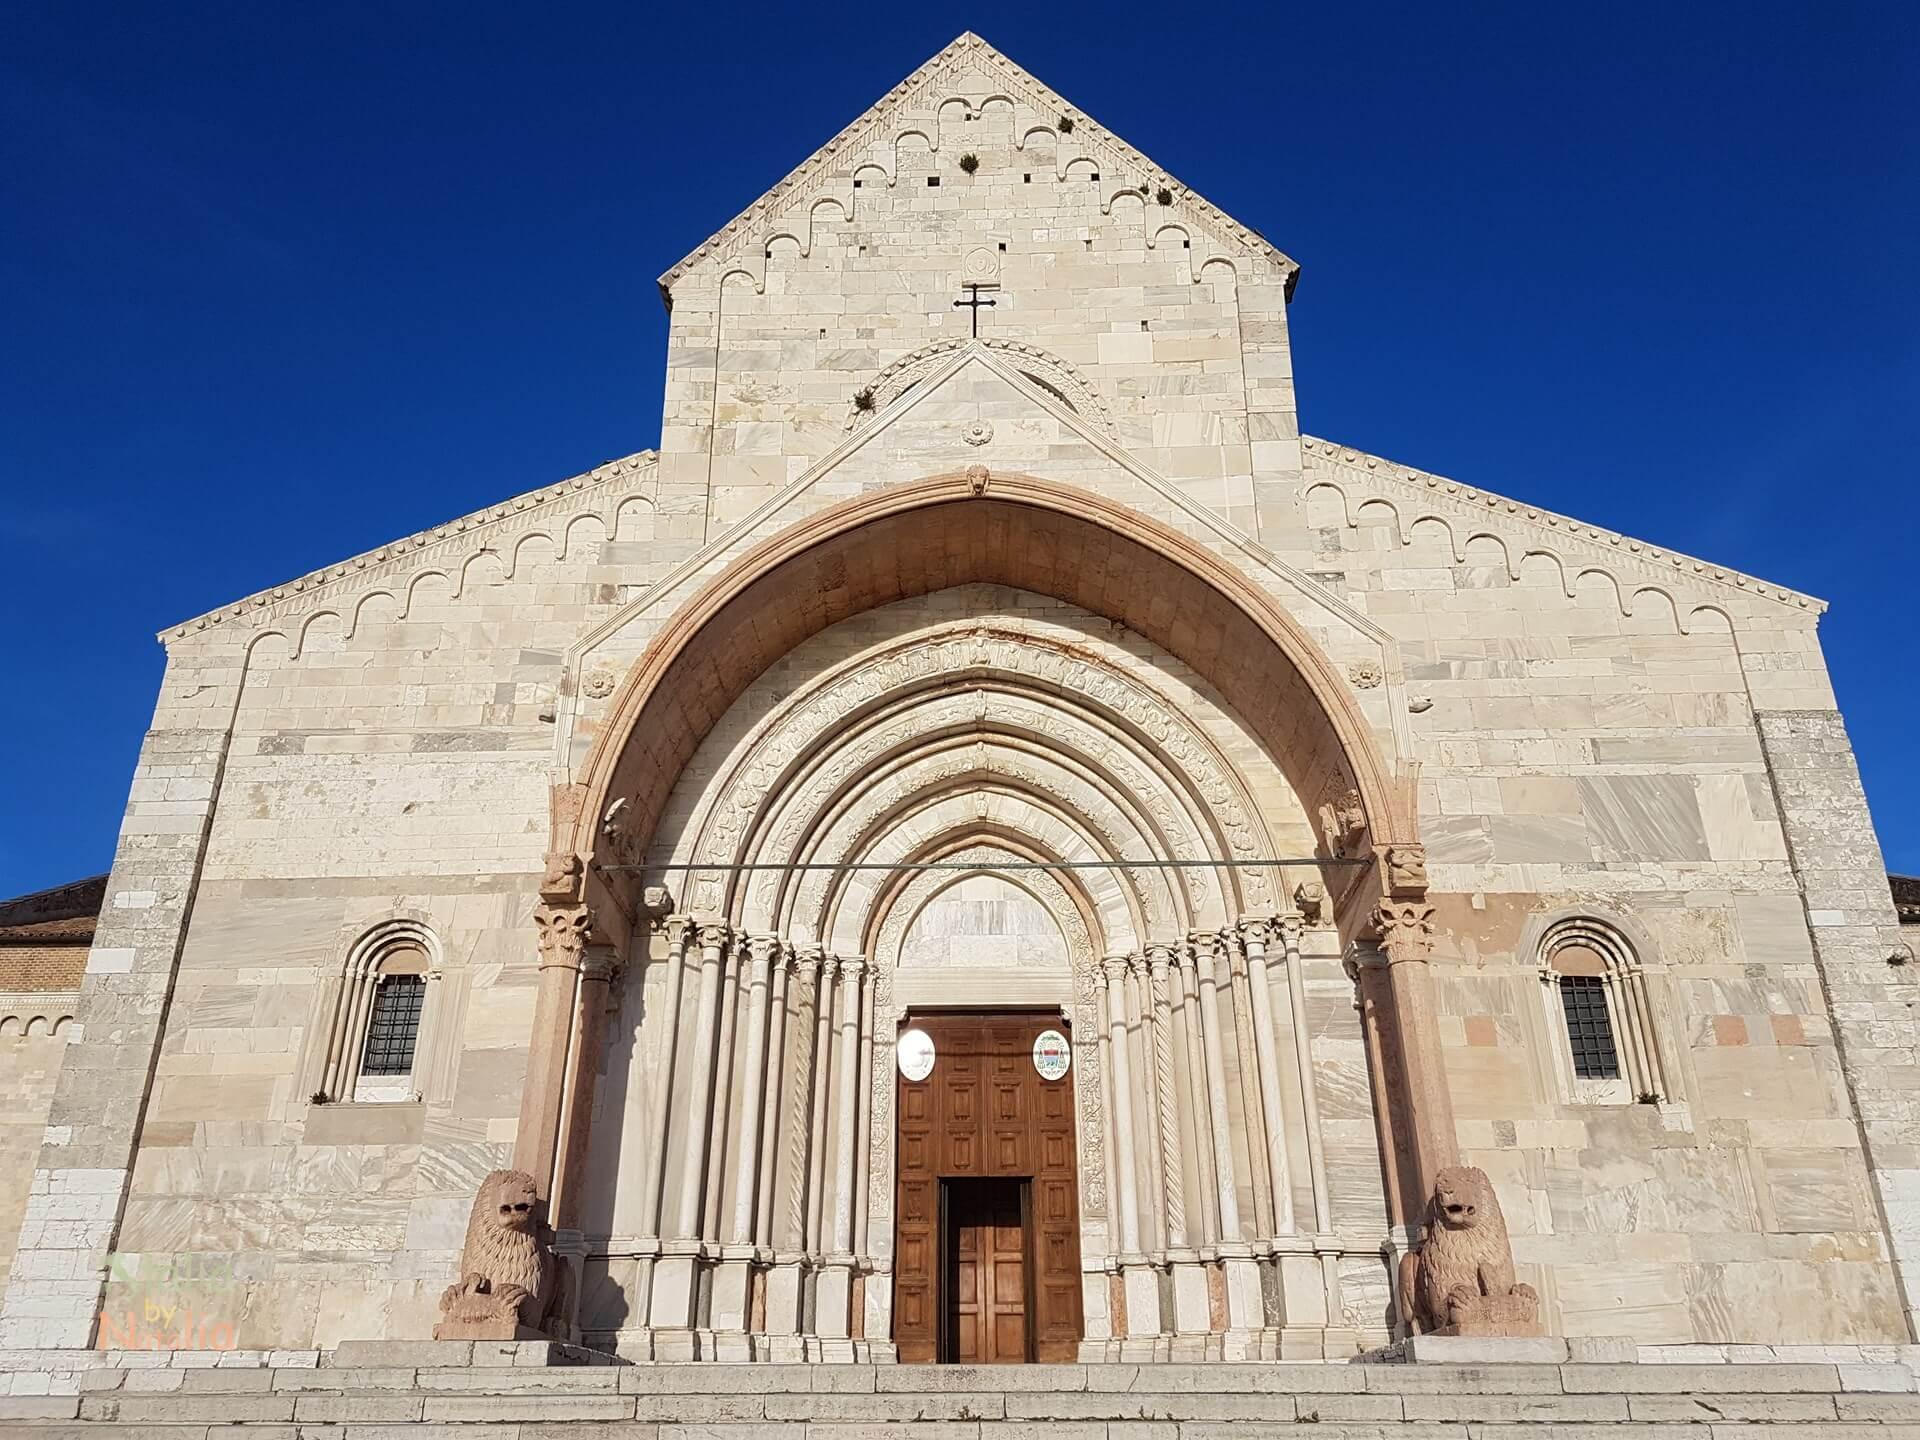 Ankona Ancona Wybrzeże Adriatyckie Włochy co zobaczyć Gdzie zjeść Gdzie spać